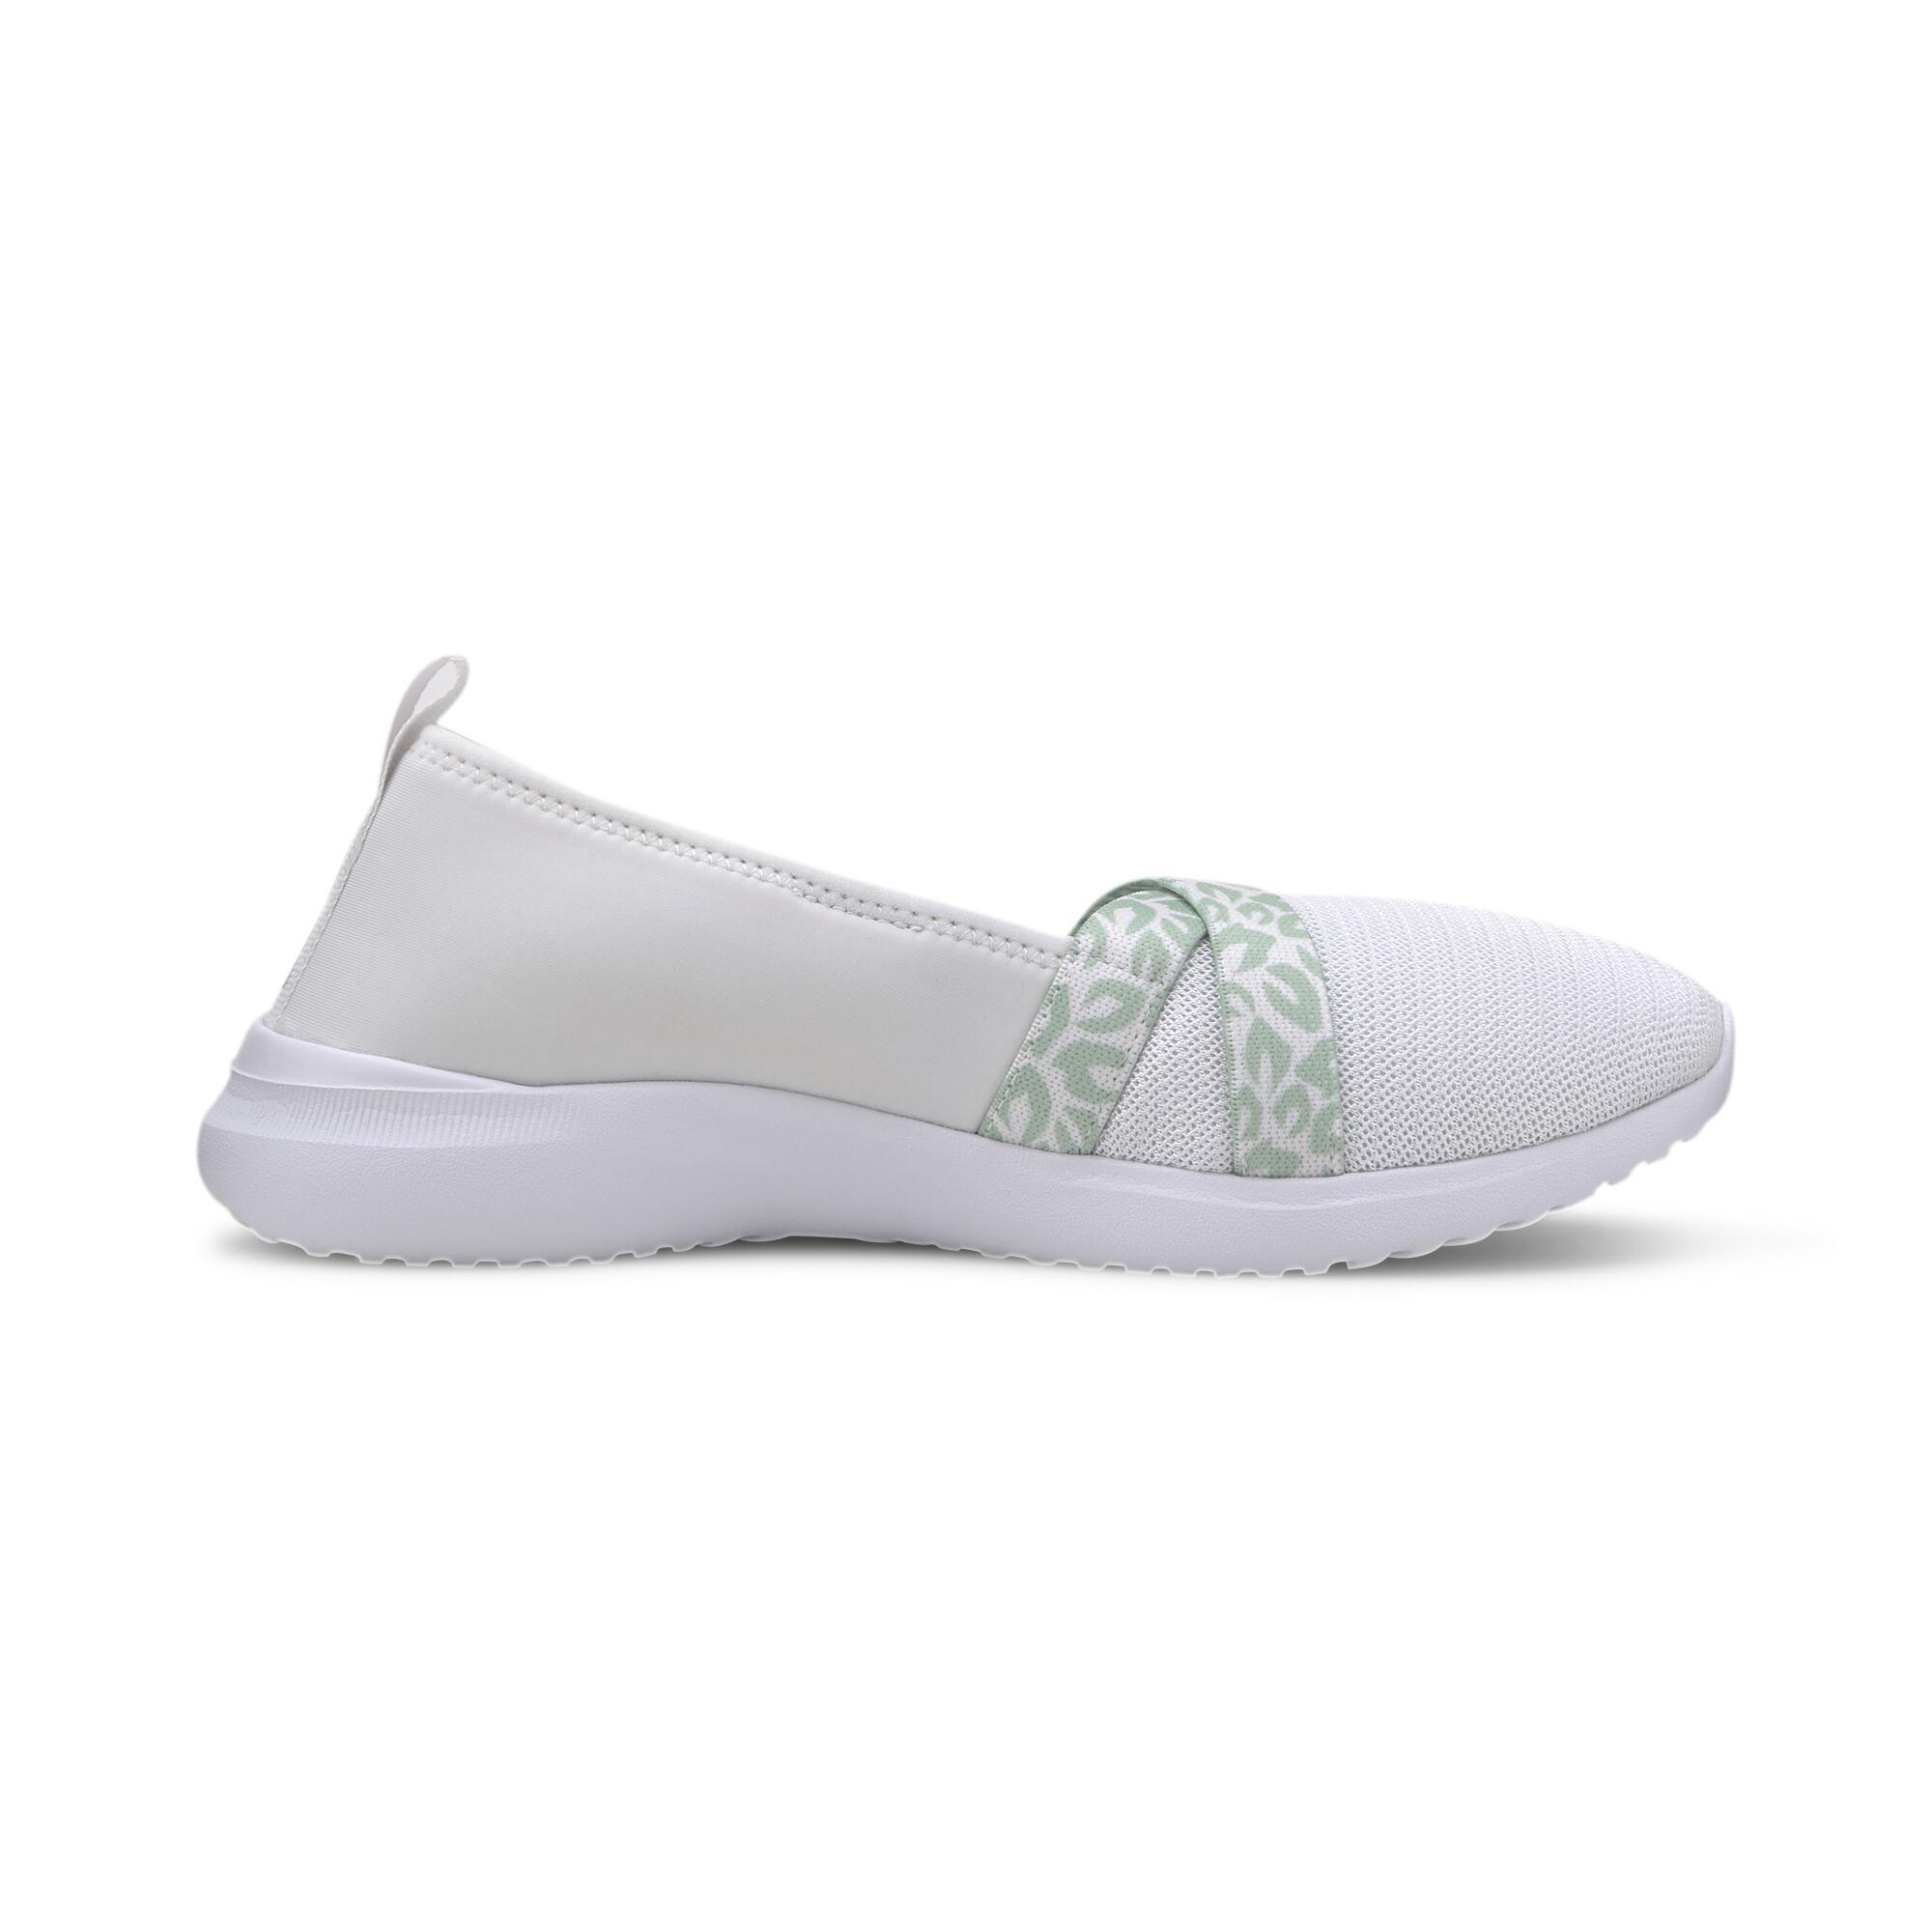 PUMA-Women-039-s-Adelina-Blossom-Ballet-Shoes thumbnail 13